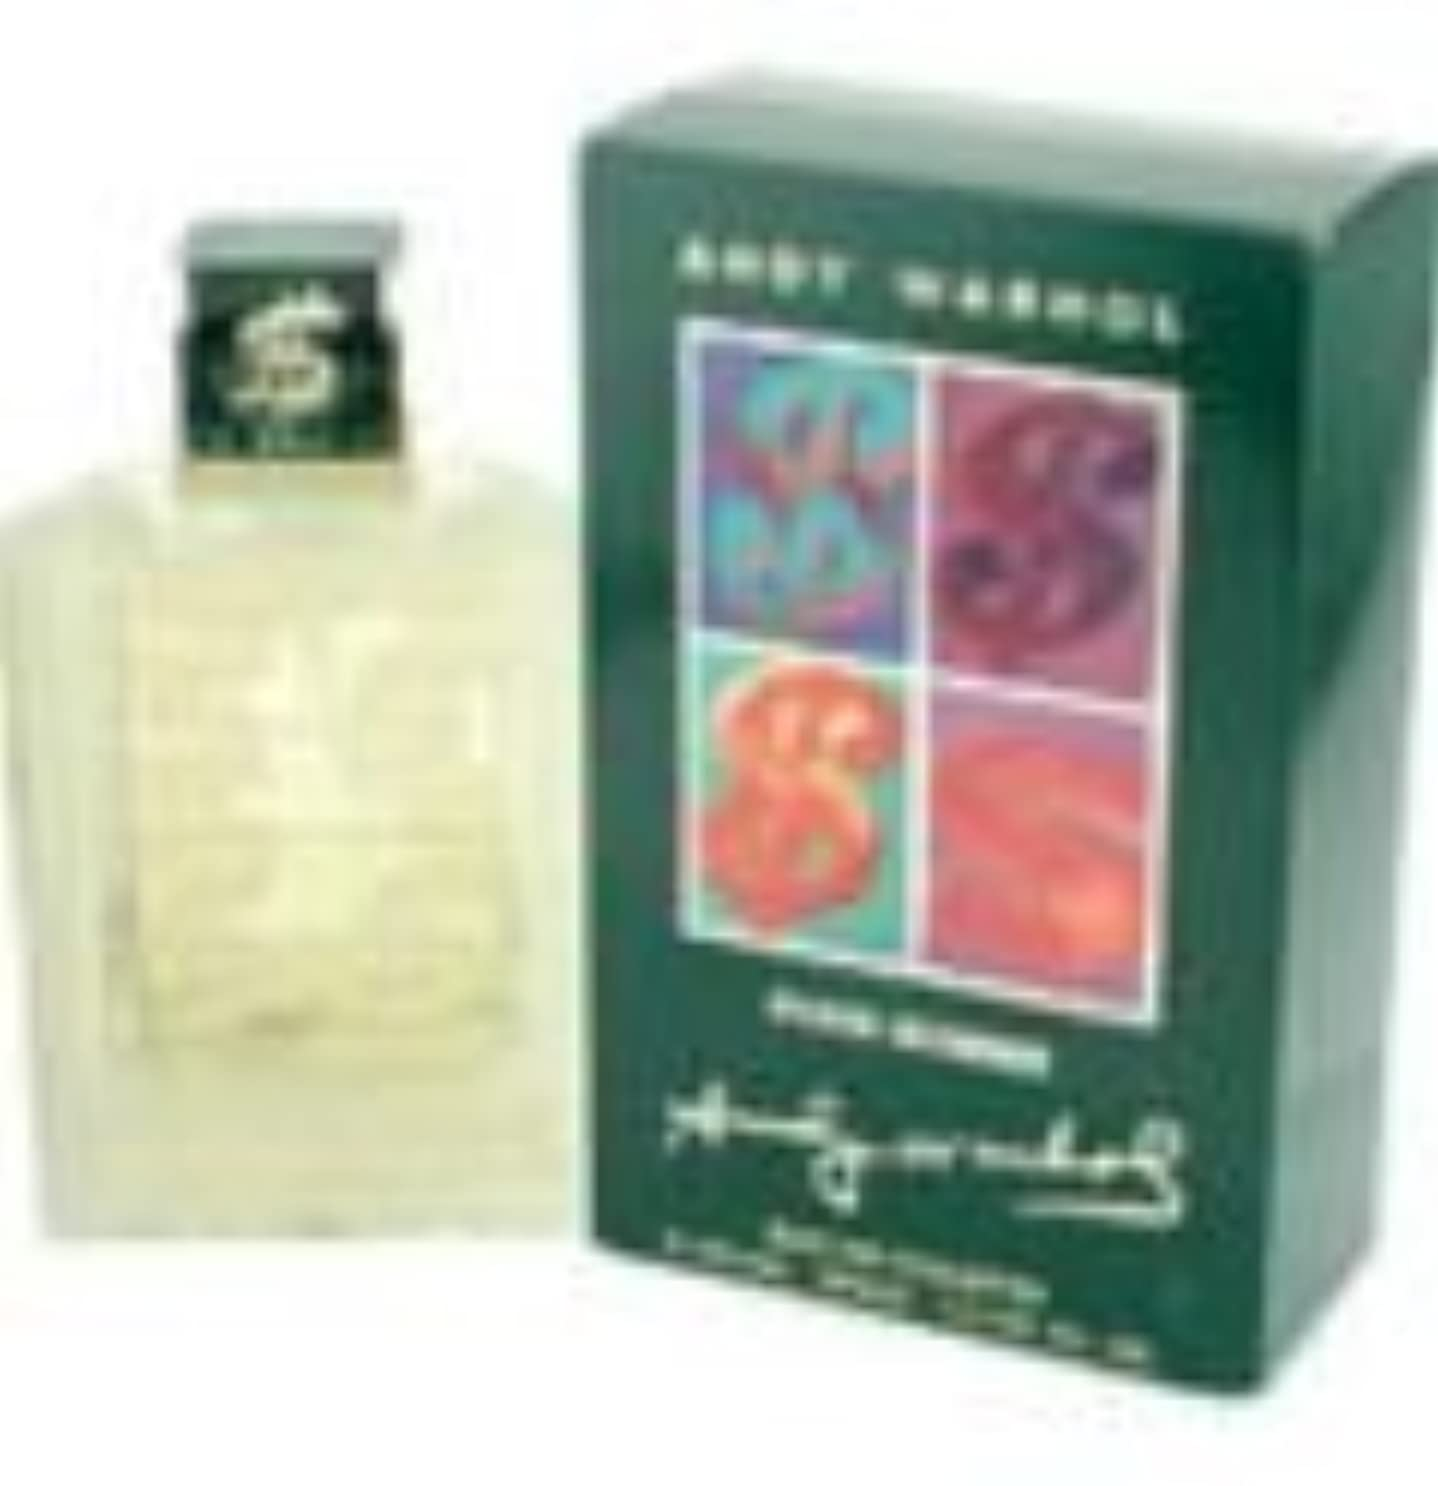 東部いじめっ子キャメルAndy Warhol Pour Homme (アンディ ウォーフォール プア オム) 3.4 oz (100ml) EDT Spray for Men